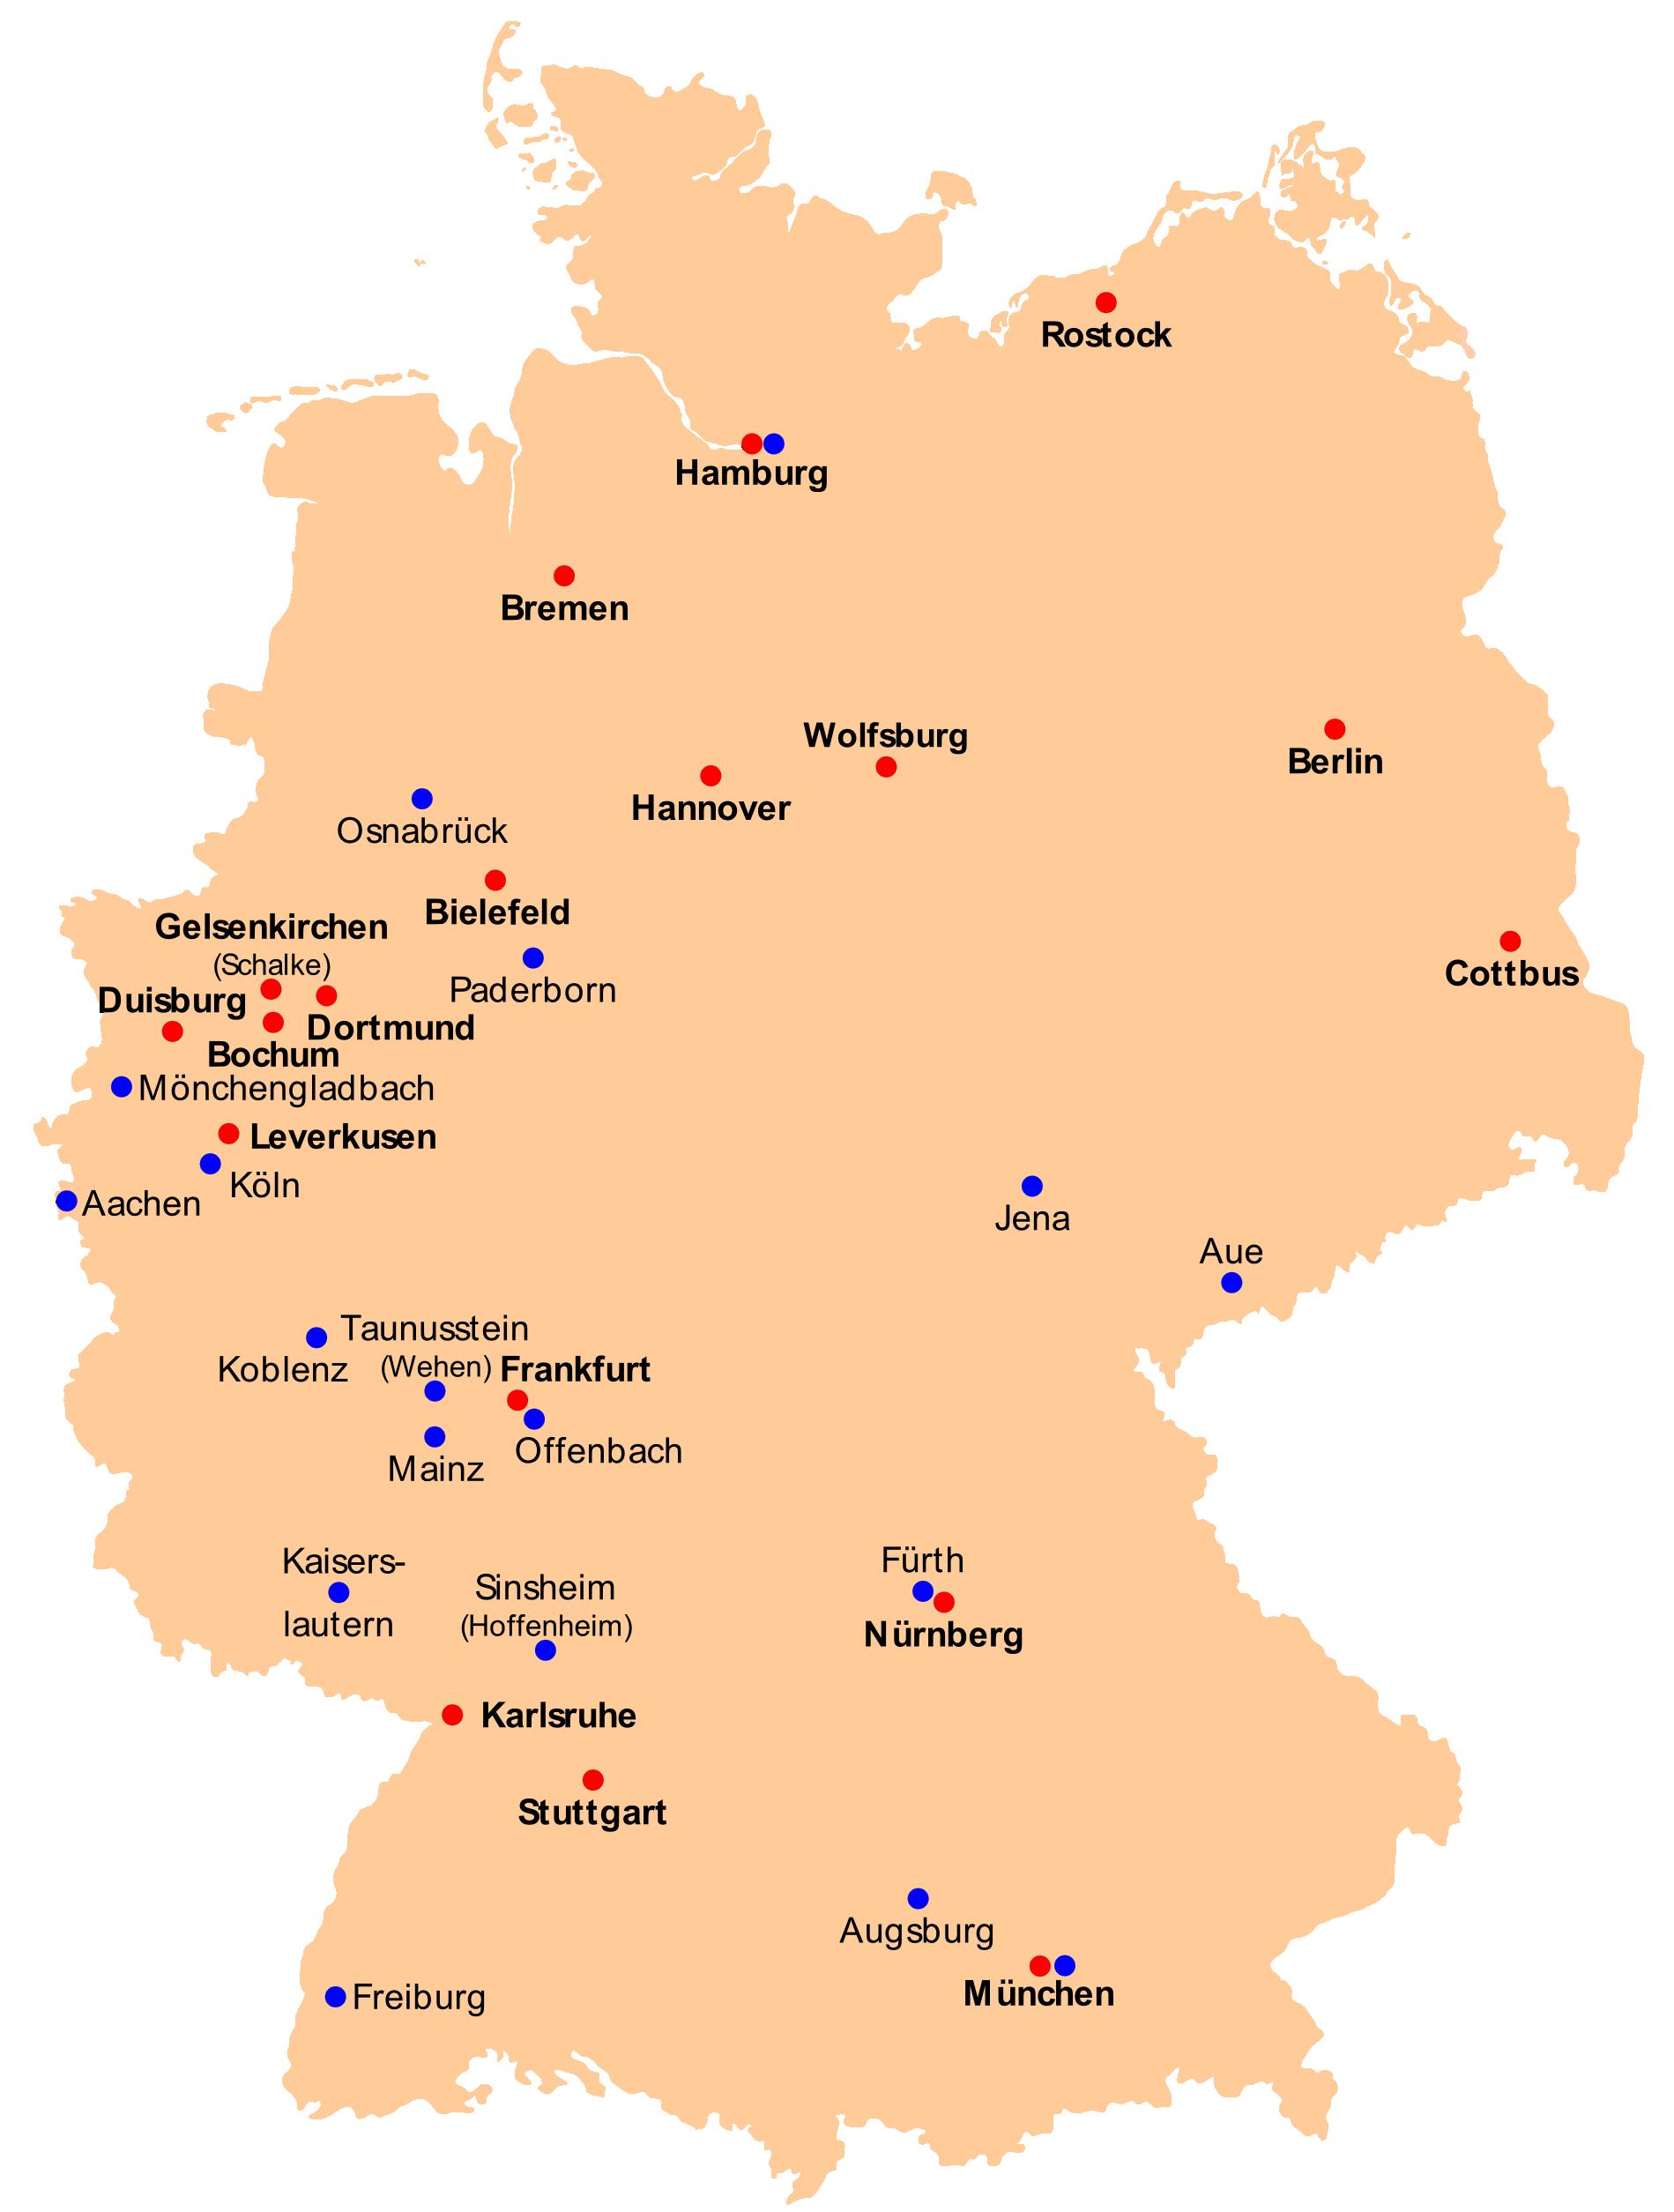 ... :Schiedsrichter-Wappen der österreichischen Fußball-Bundesliga.jpg